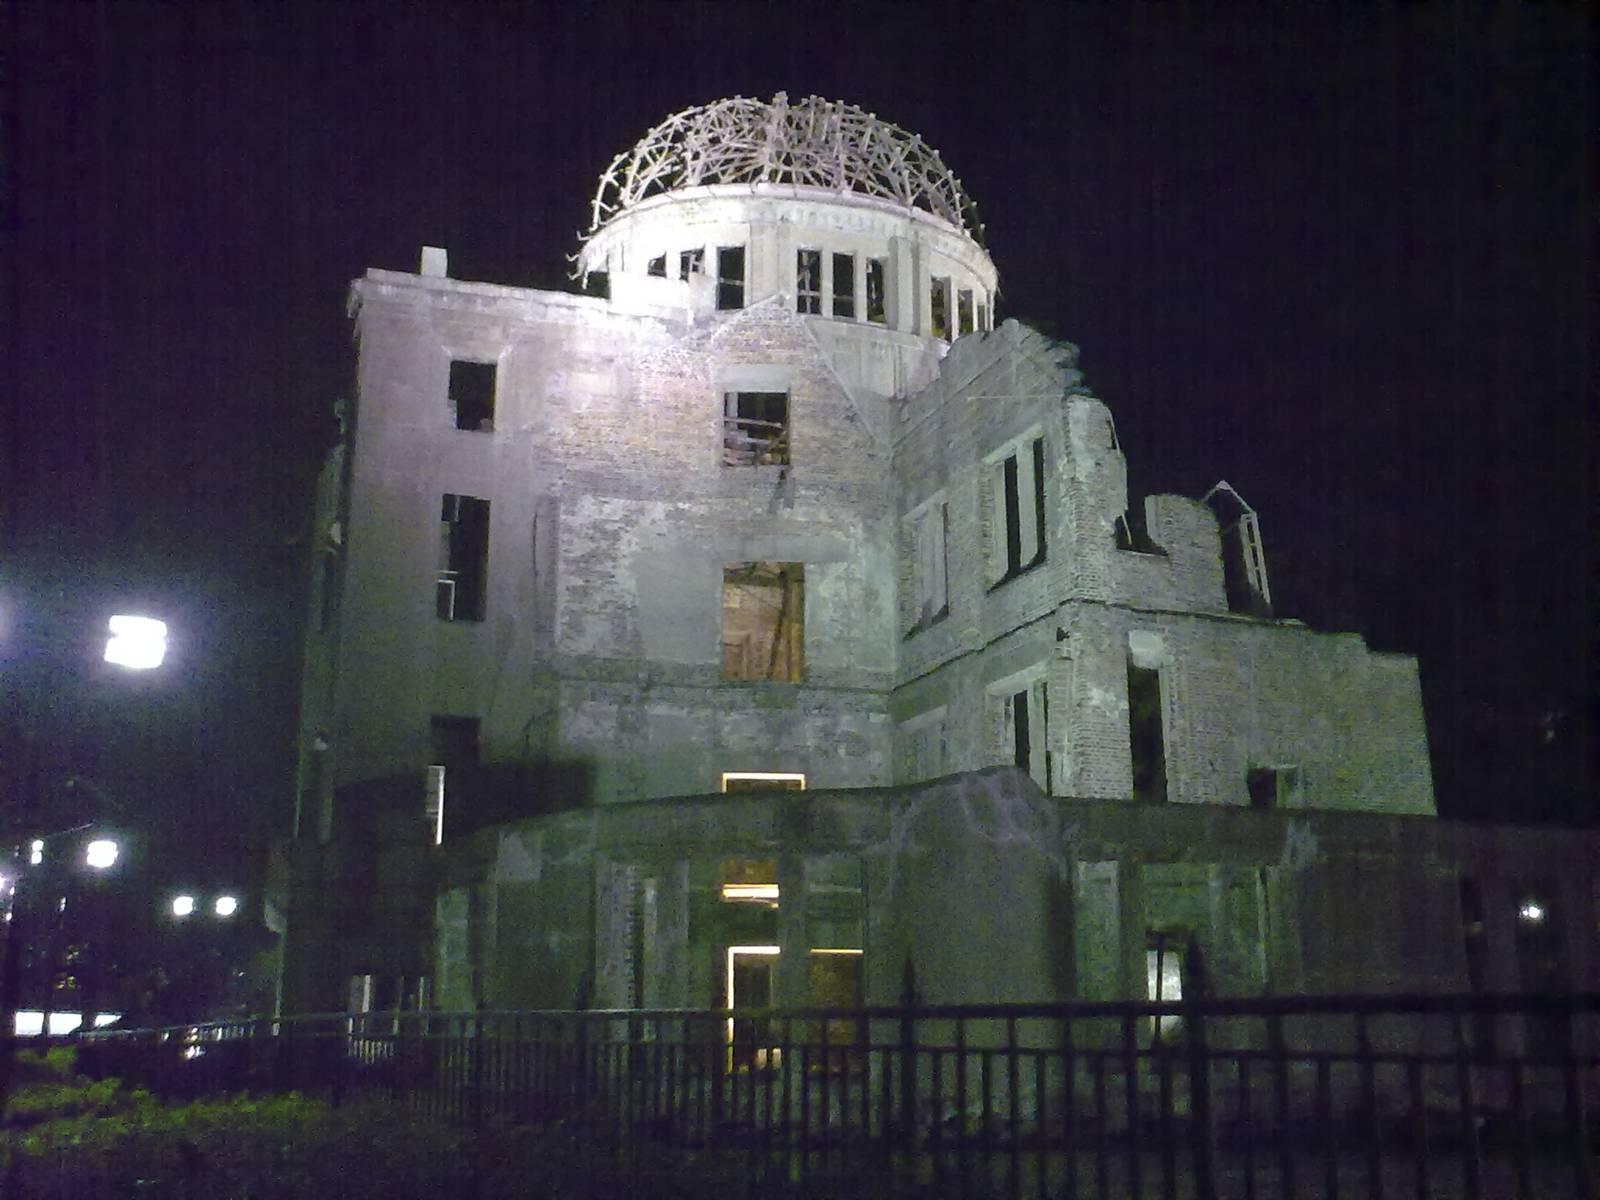 Giappone-japan-hiroshima-atomic-bomb-memorial